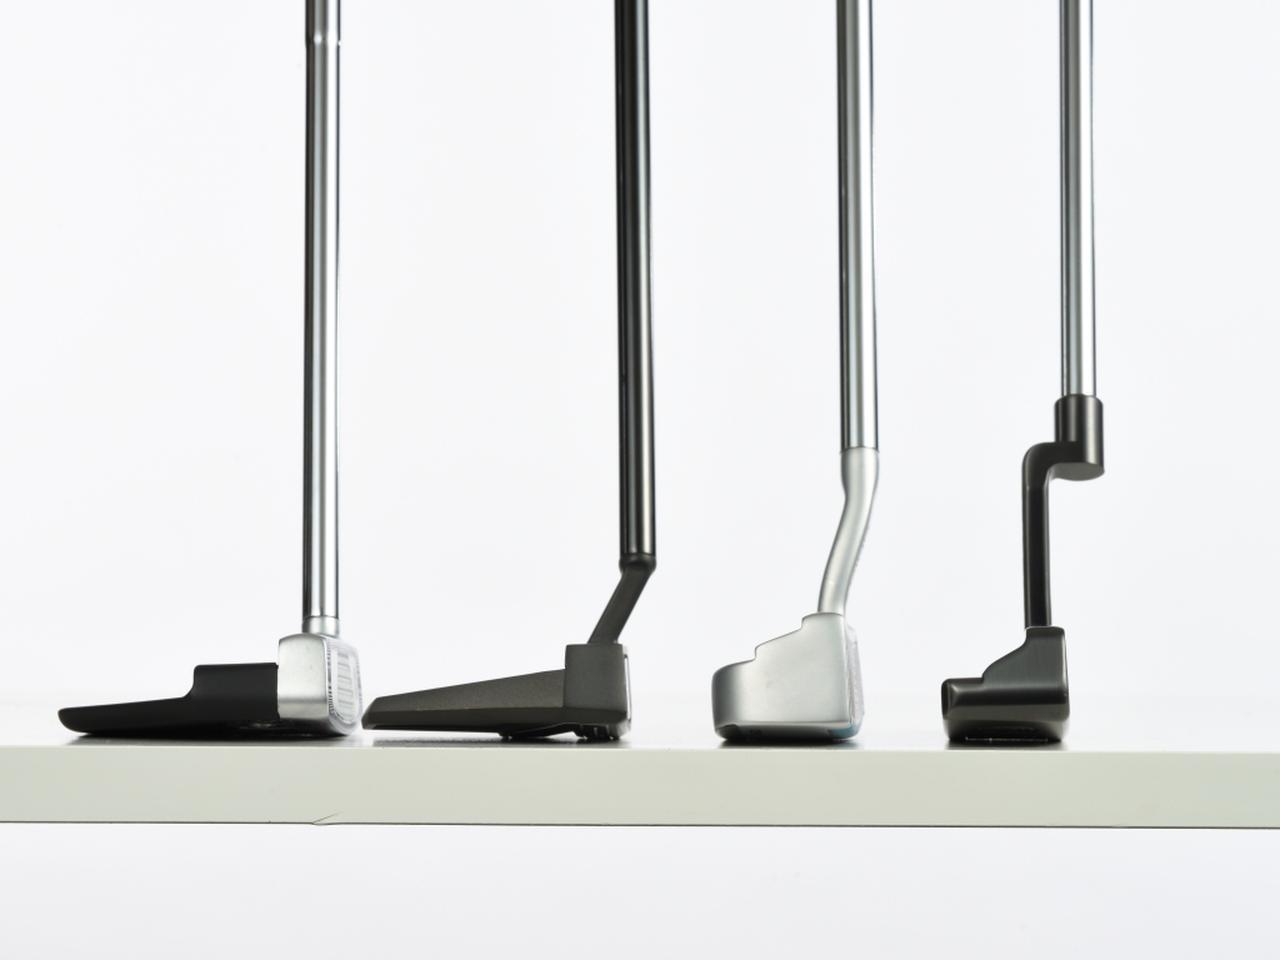 画像: 最新パターは全体的にヘッド重量が増加している傾向があると小倉氏。それゆえに最新技術が駆使されていてもゴルファーのストロークのタイプによっては相性が悪い場合もあるという